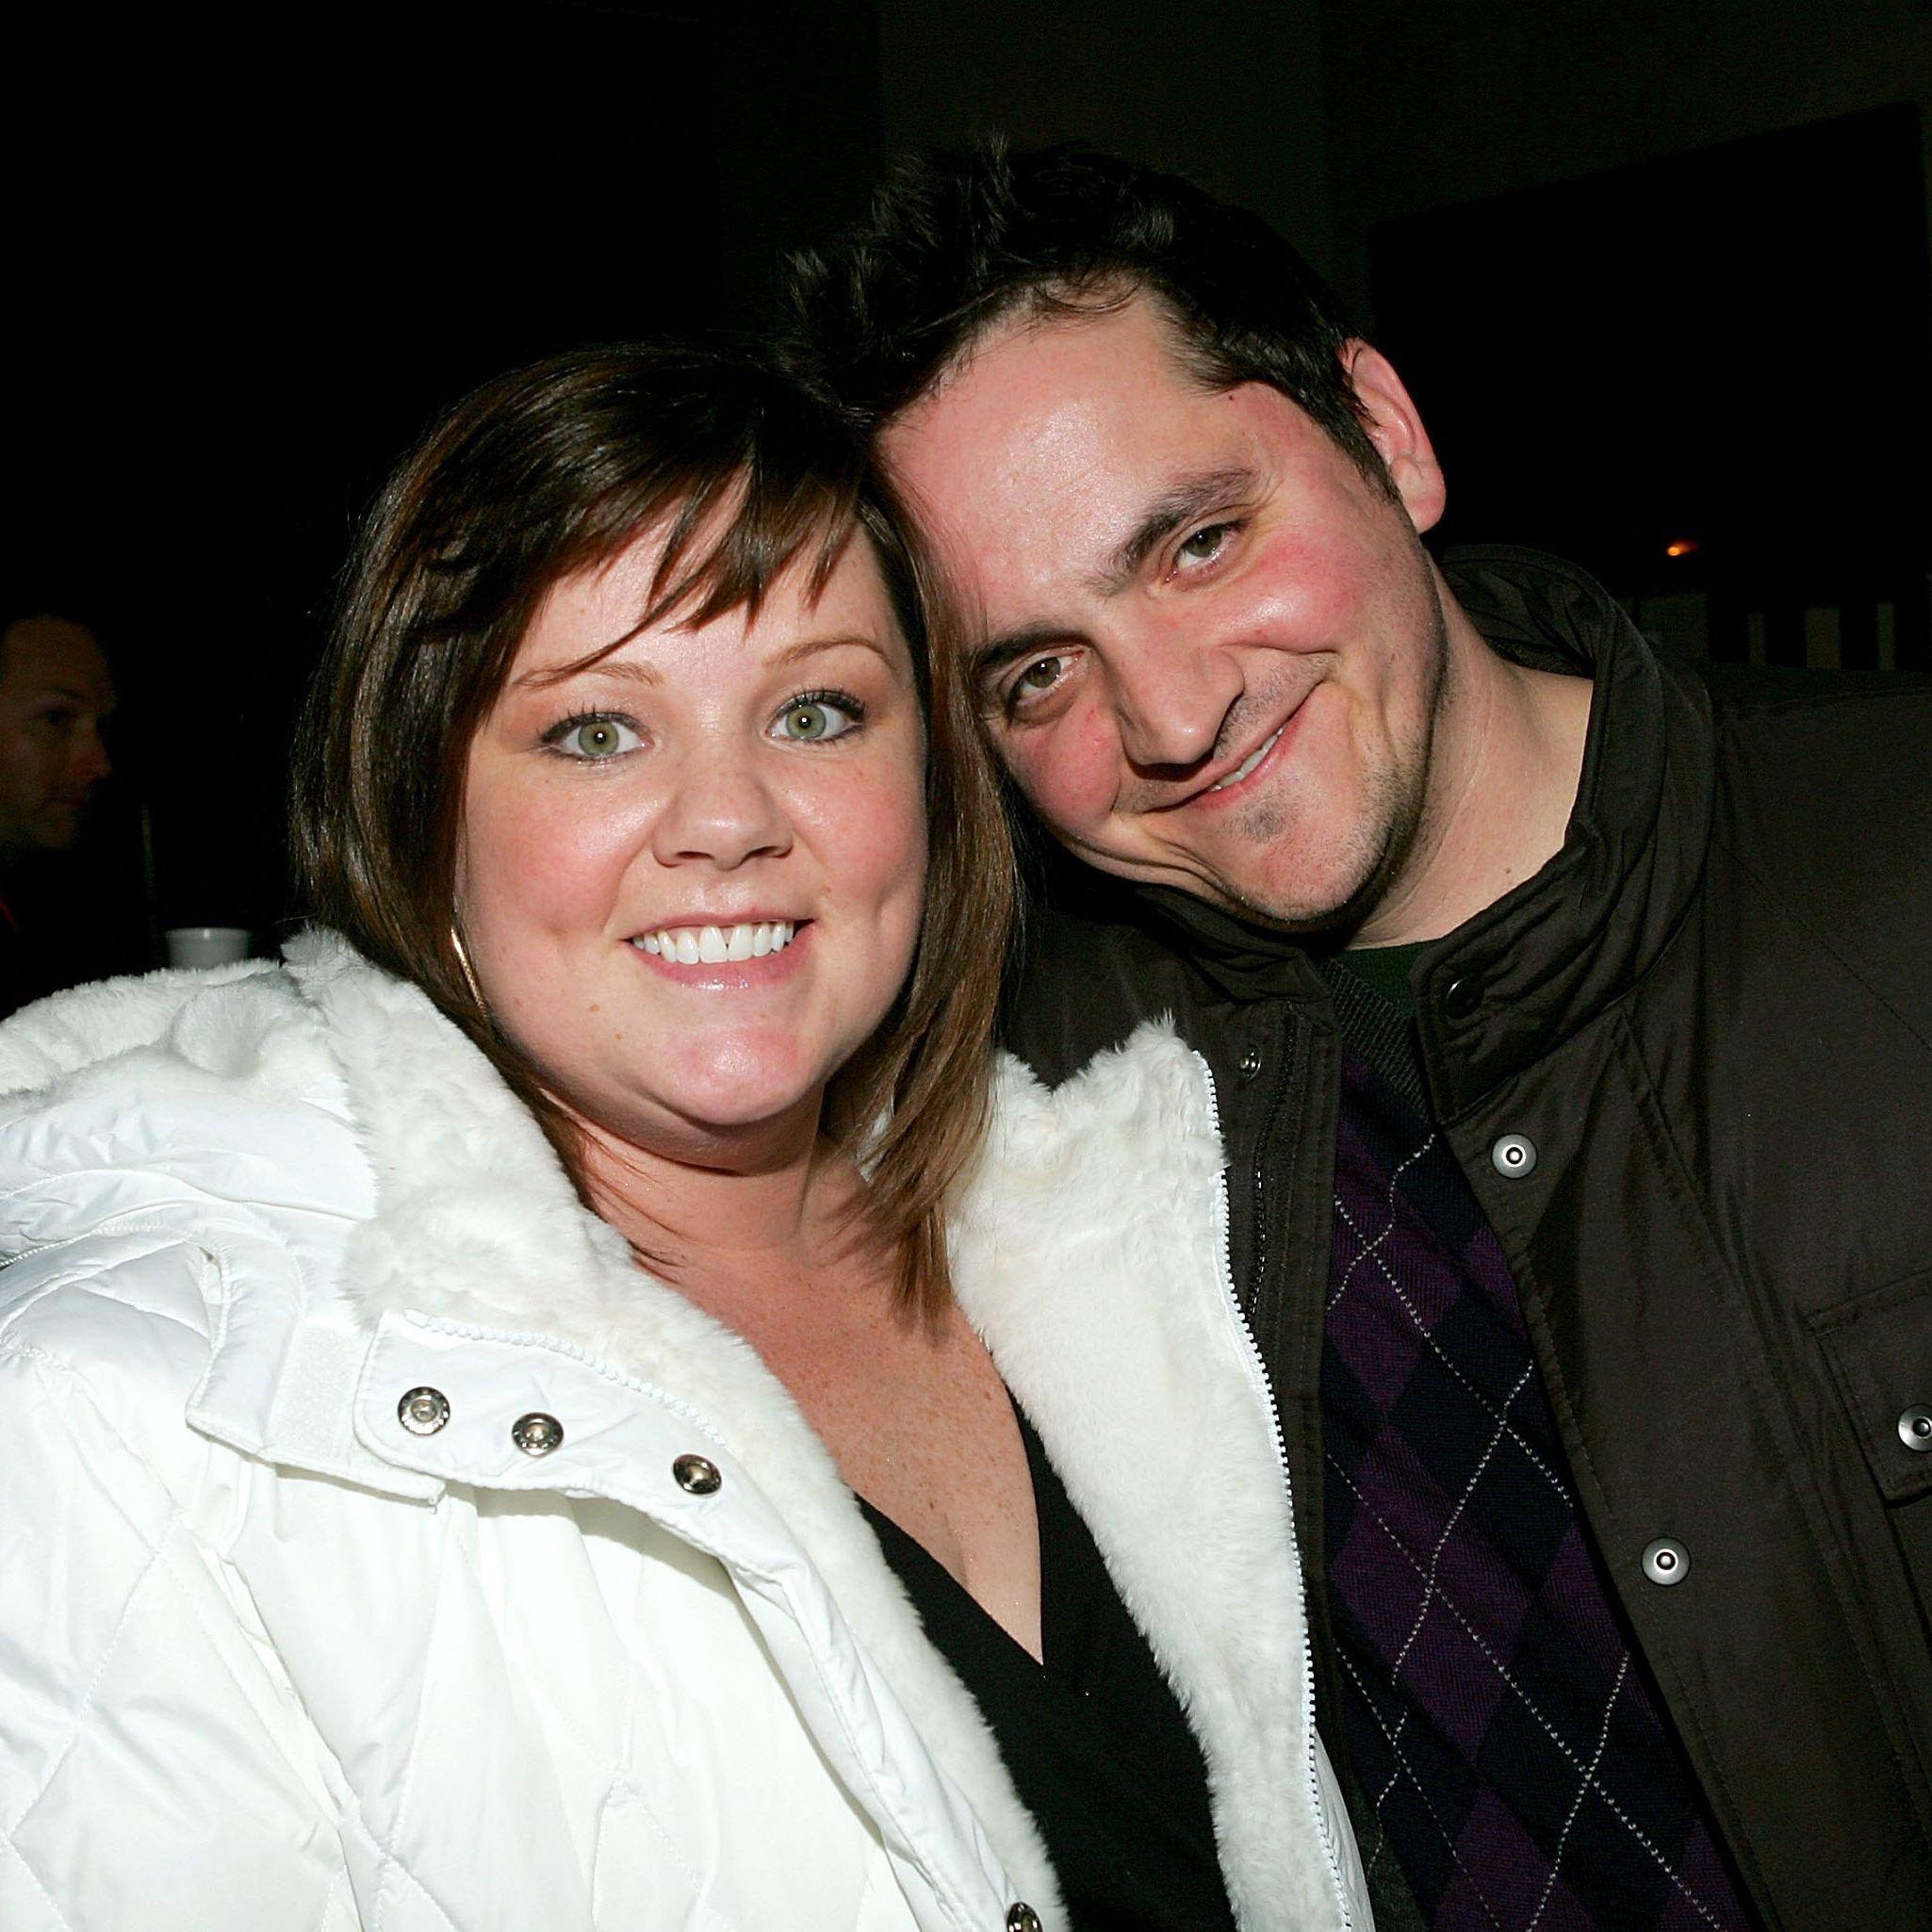 Sundance Film Festival '07 - 'The Nines' Premiere Party